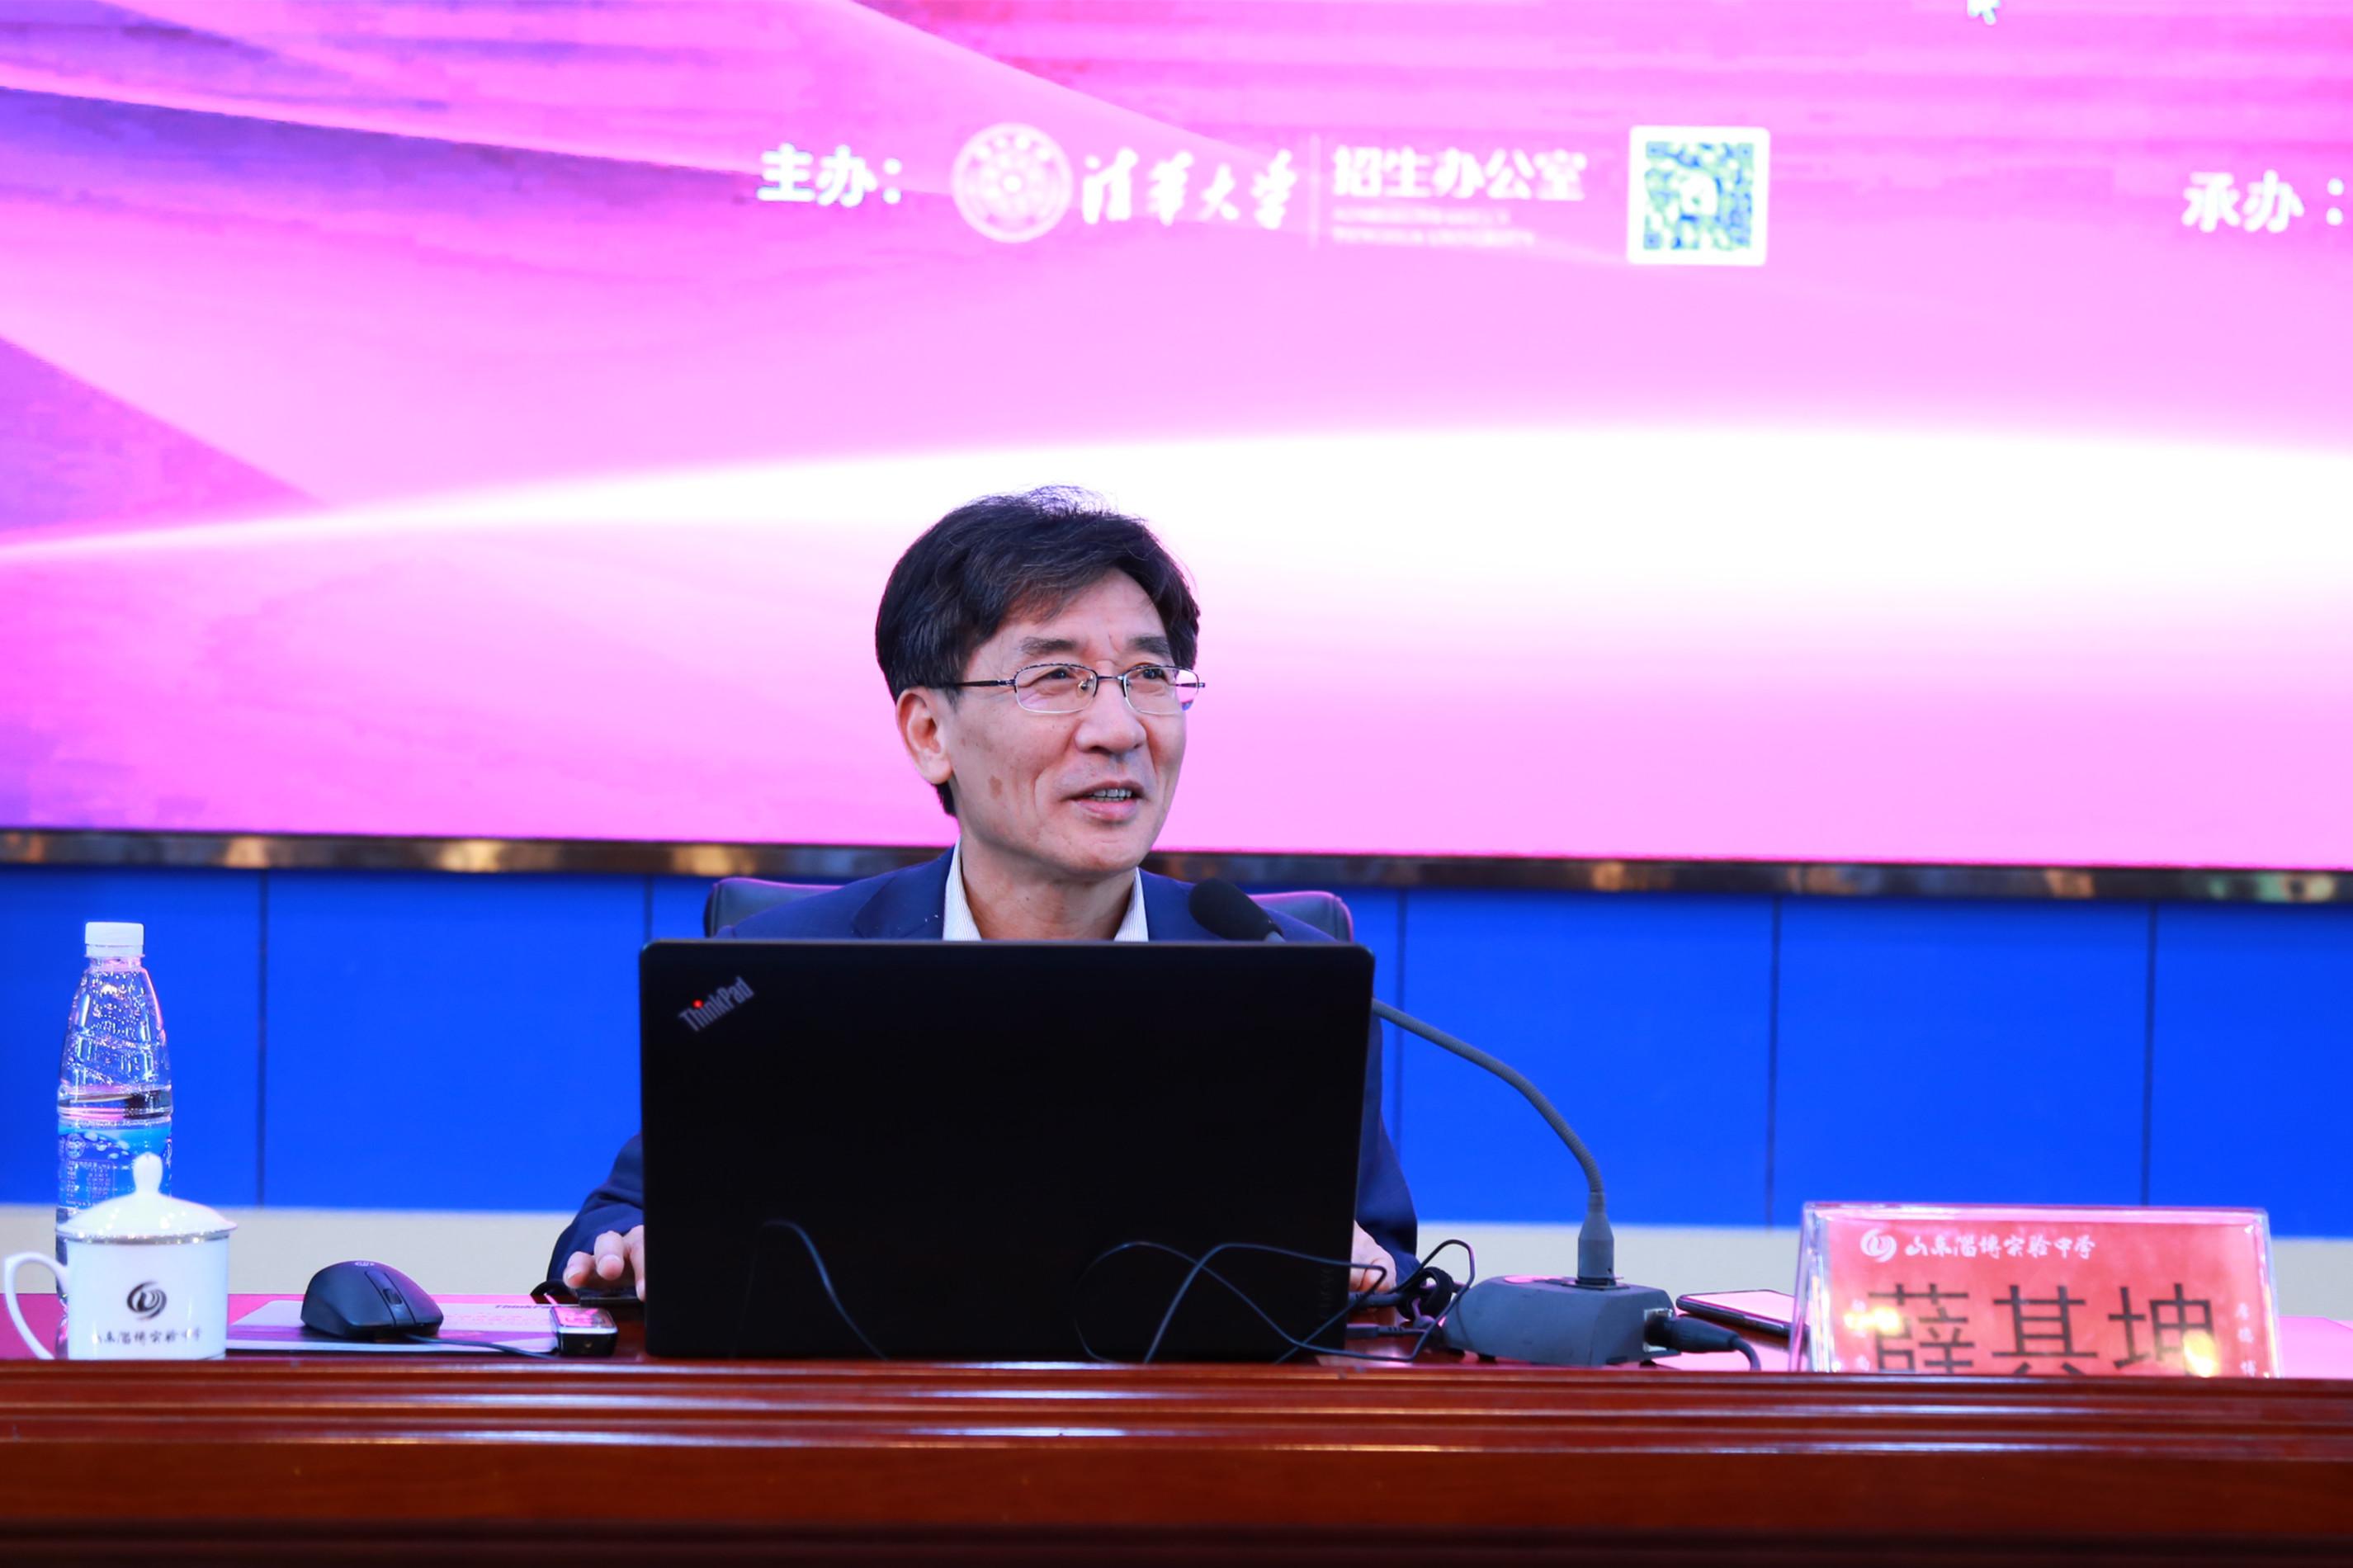 清华大学薛其坤院士为淄博市高中学生做报告